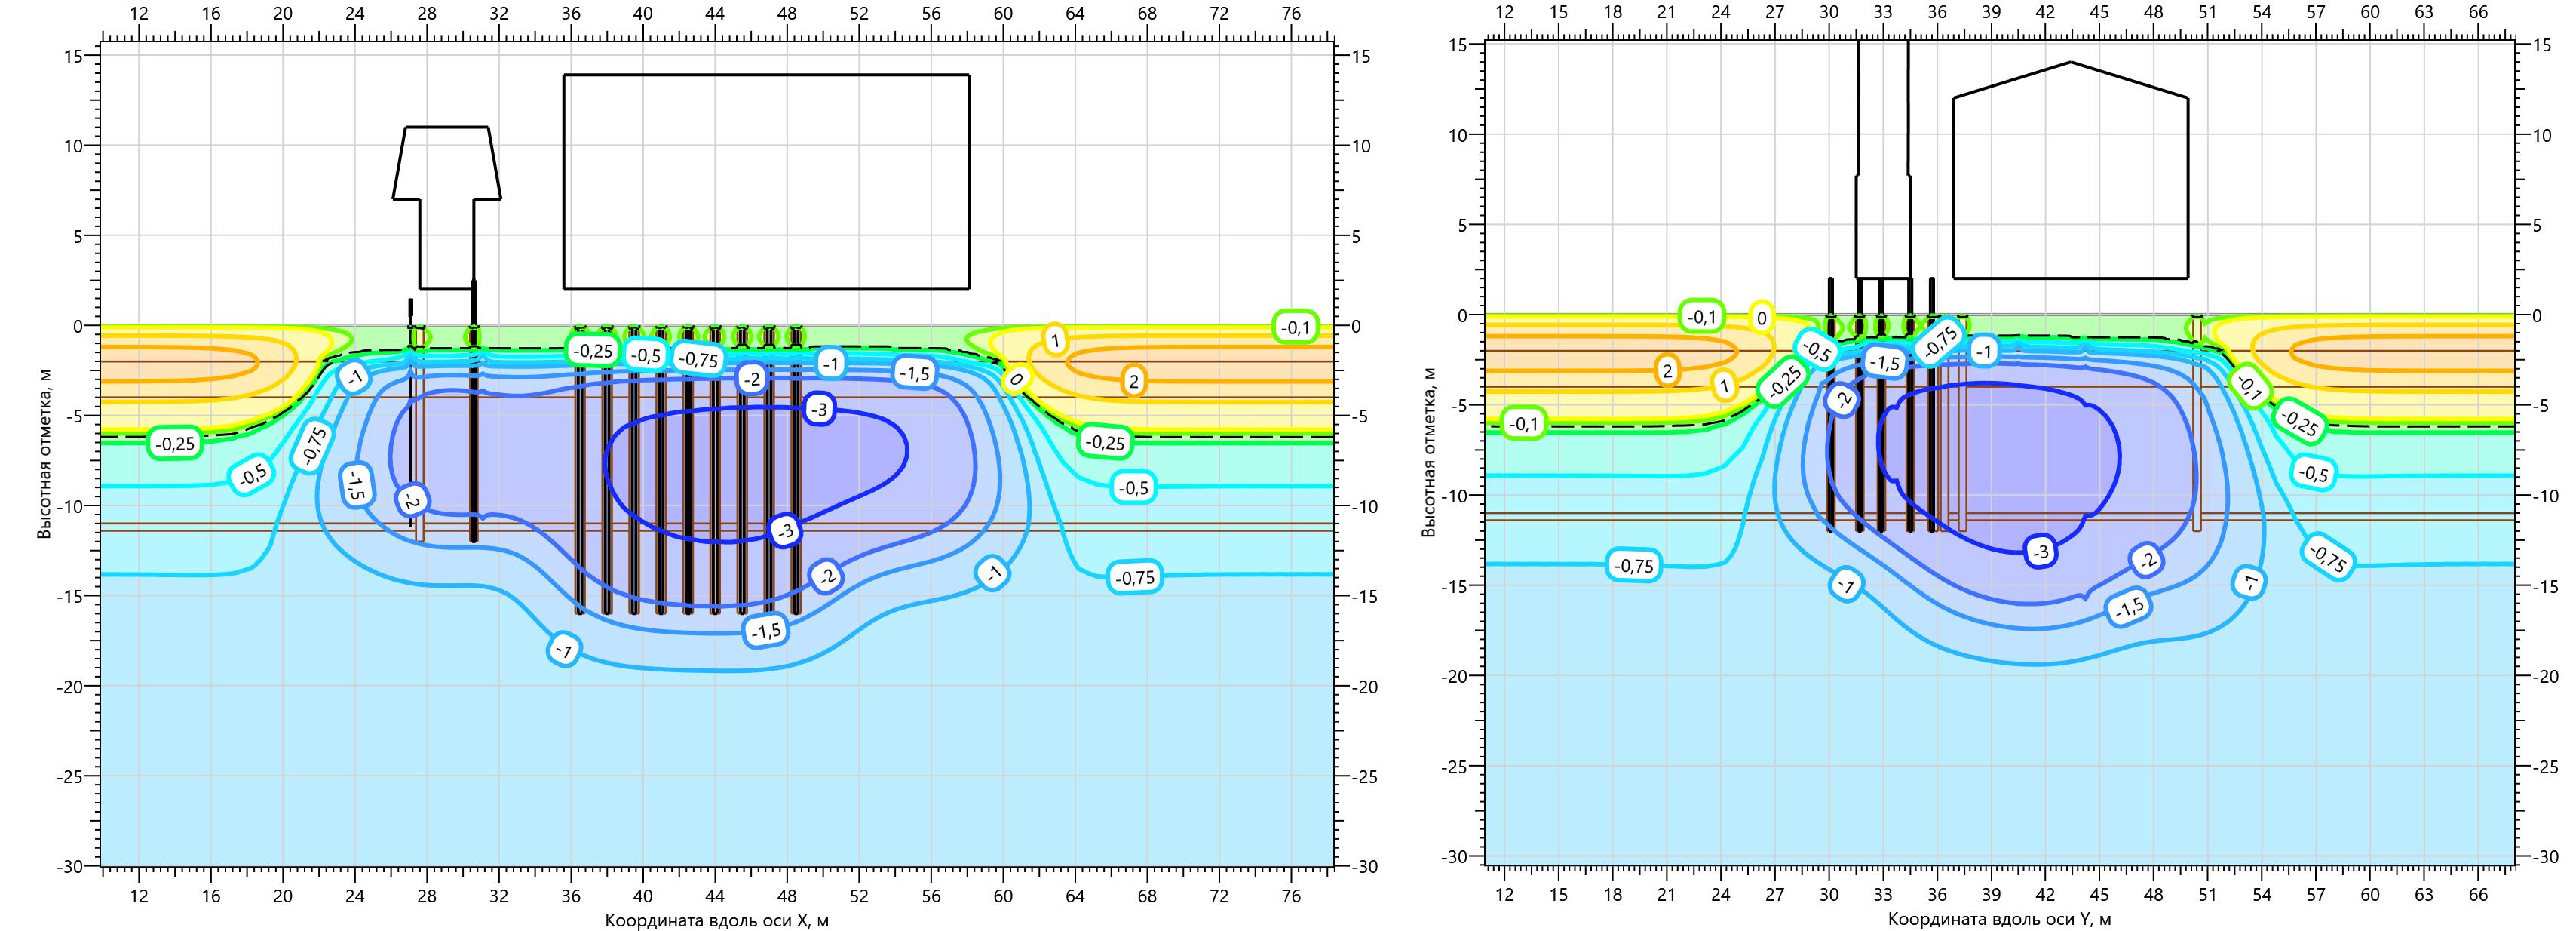 Температурное поле ММГ в основании Газоперекачивающего агрегата на 15.10.2002